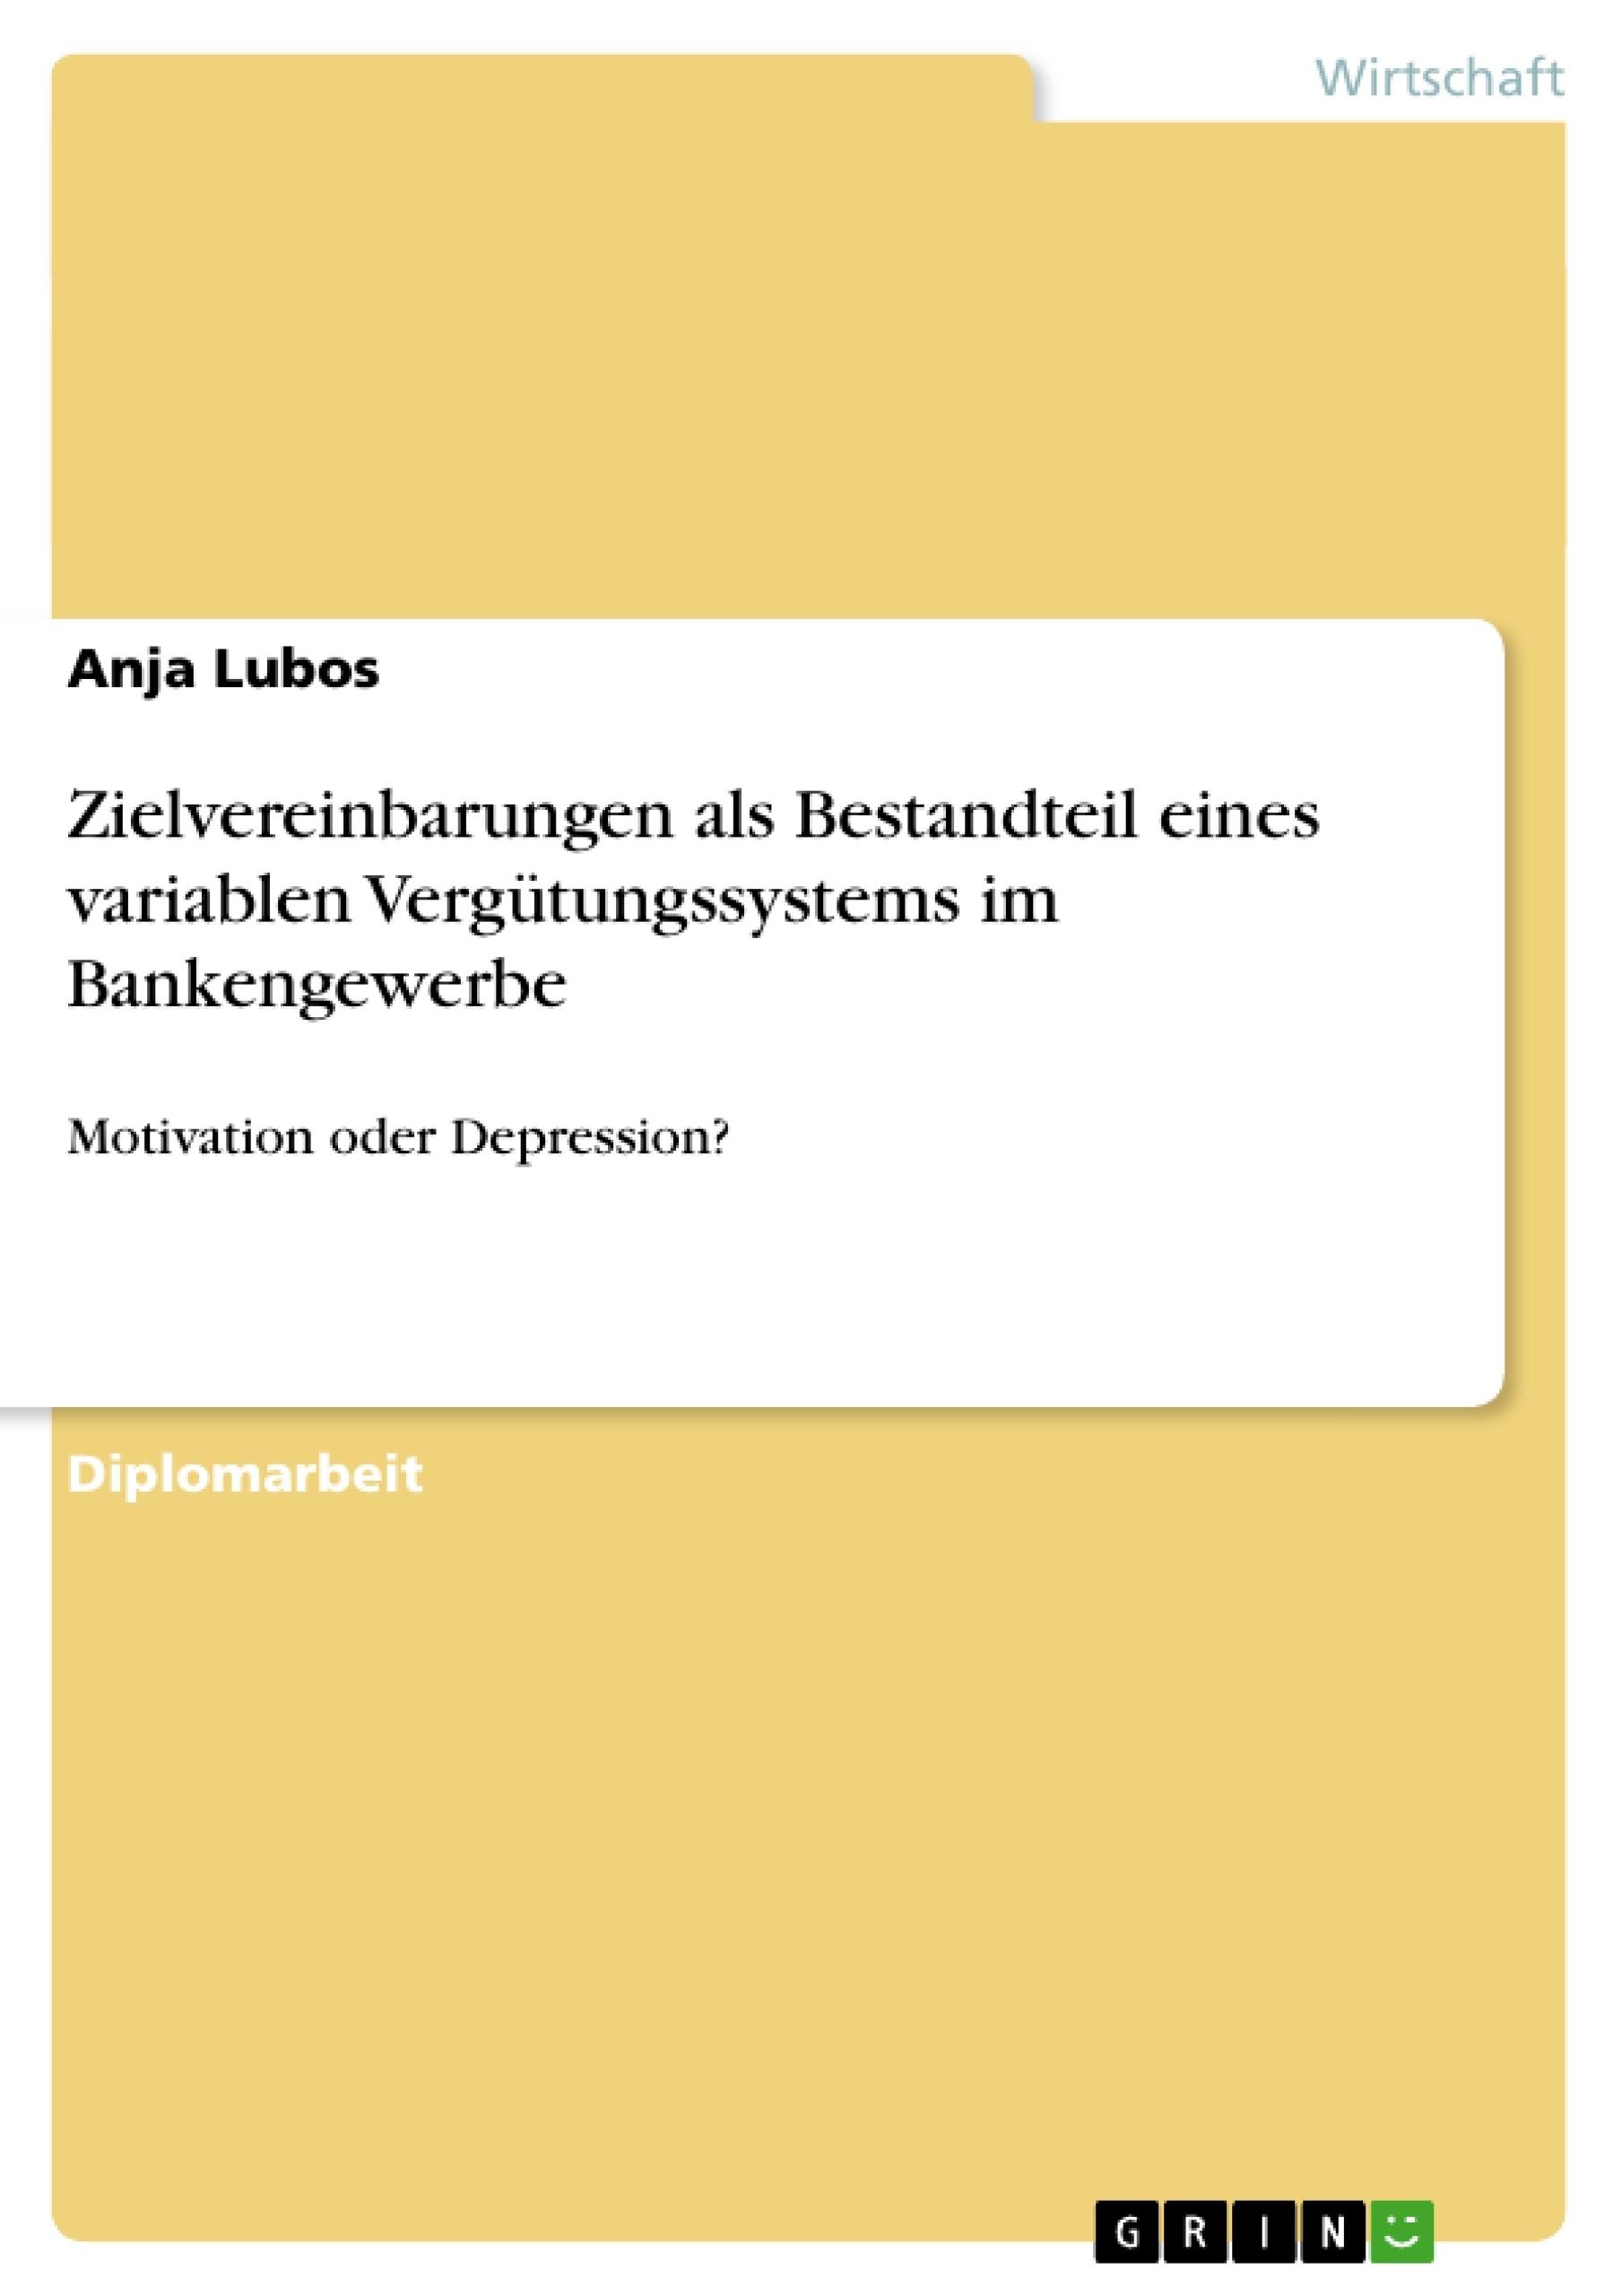 Titel: Zielvereinbarungen als Bestandteil eines variablen Vergütungssystems im Bankengewerbe